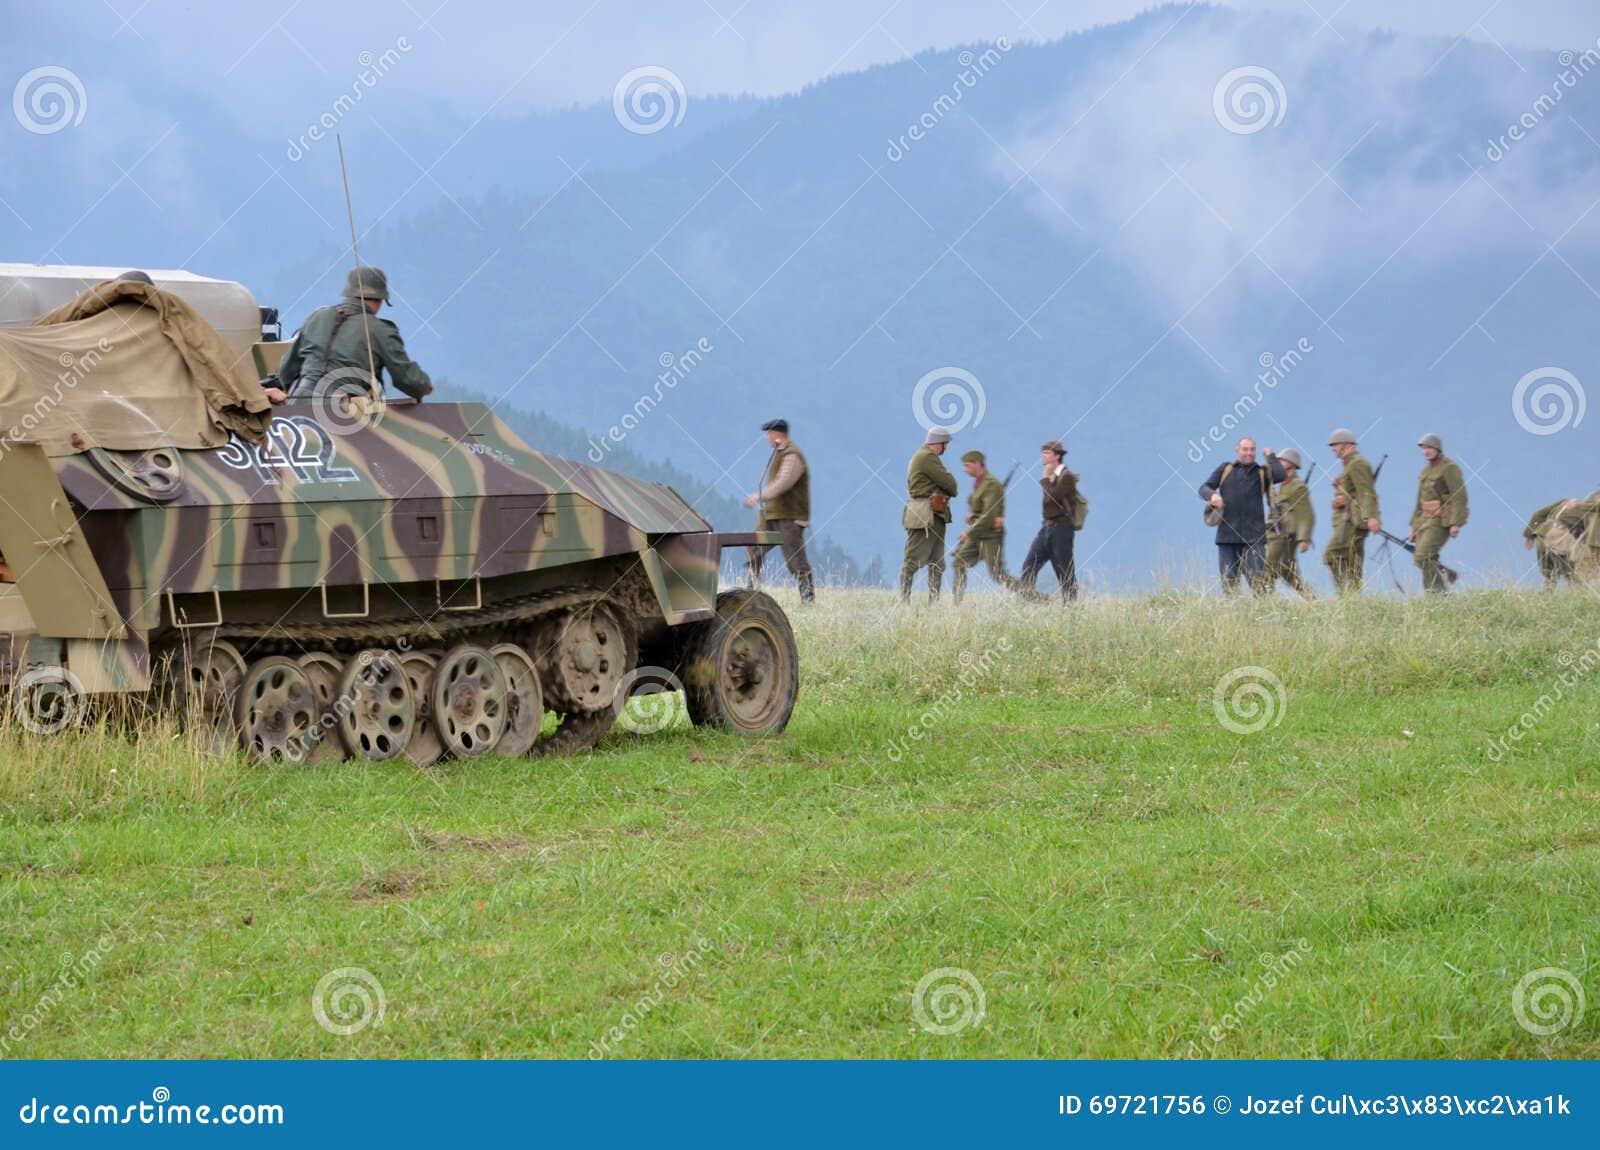 Reconstitution historique de bataille de la guerre mondiale 2 - le véhicule et les soldats de transport blindés se sont habillés